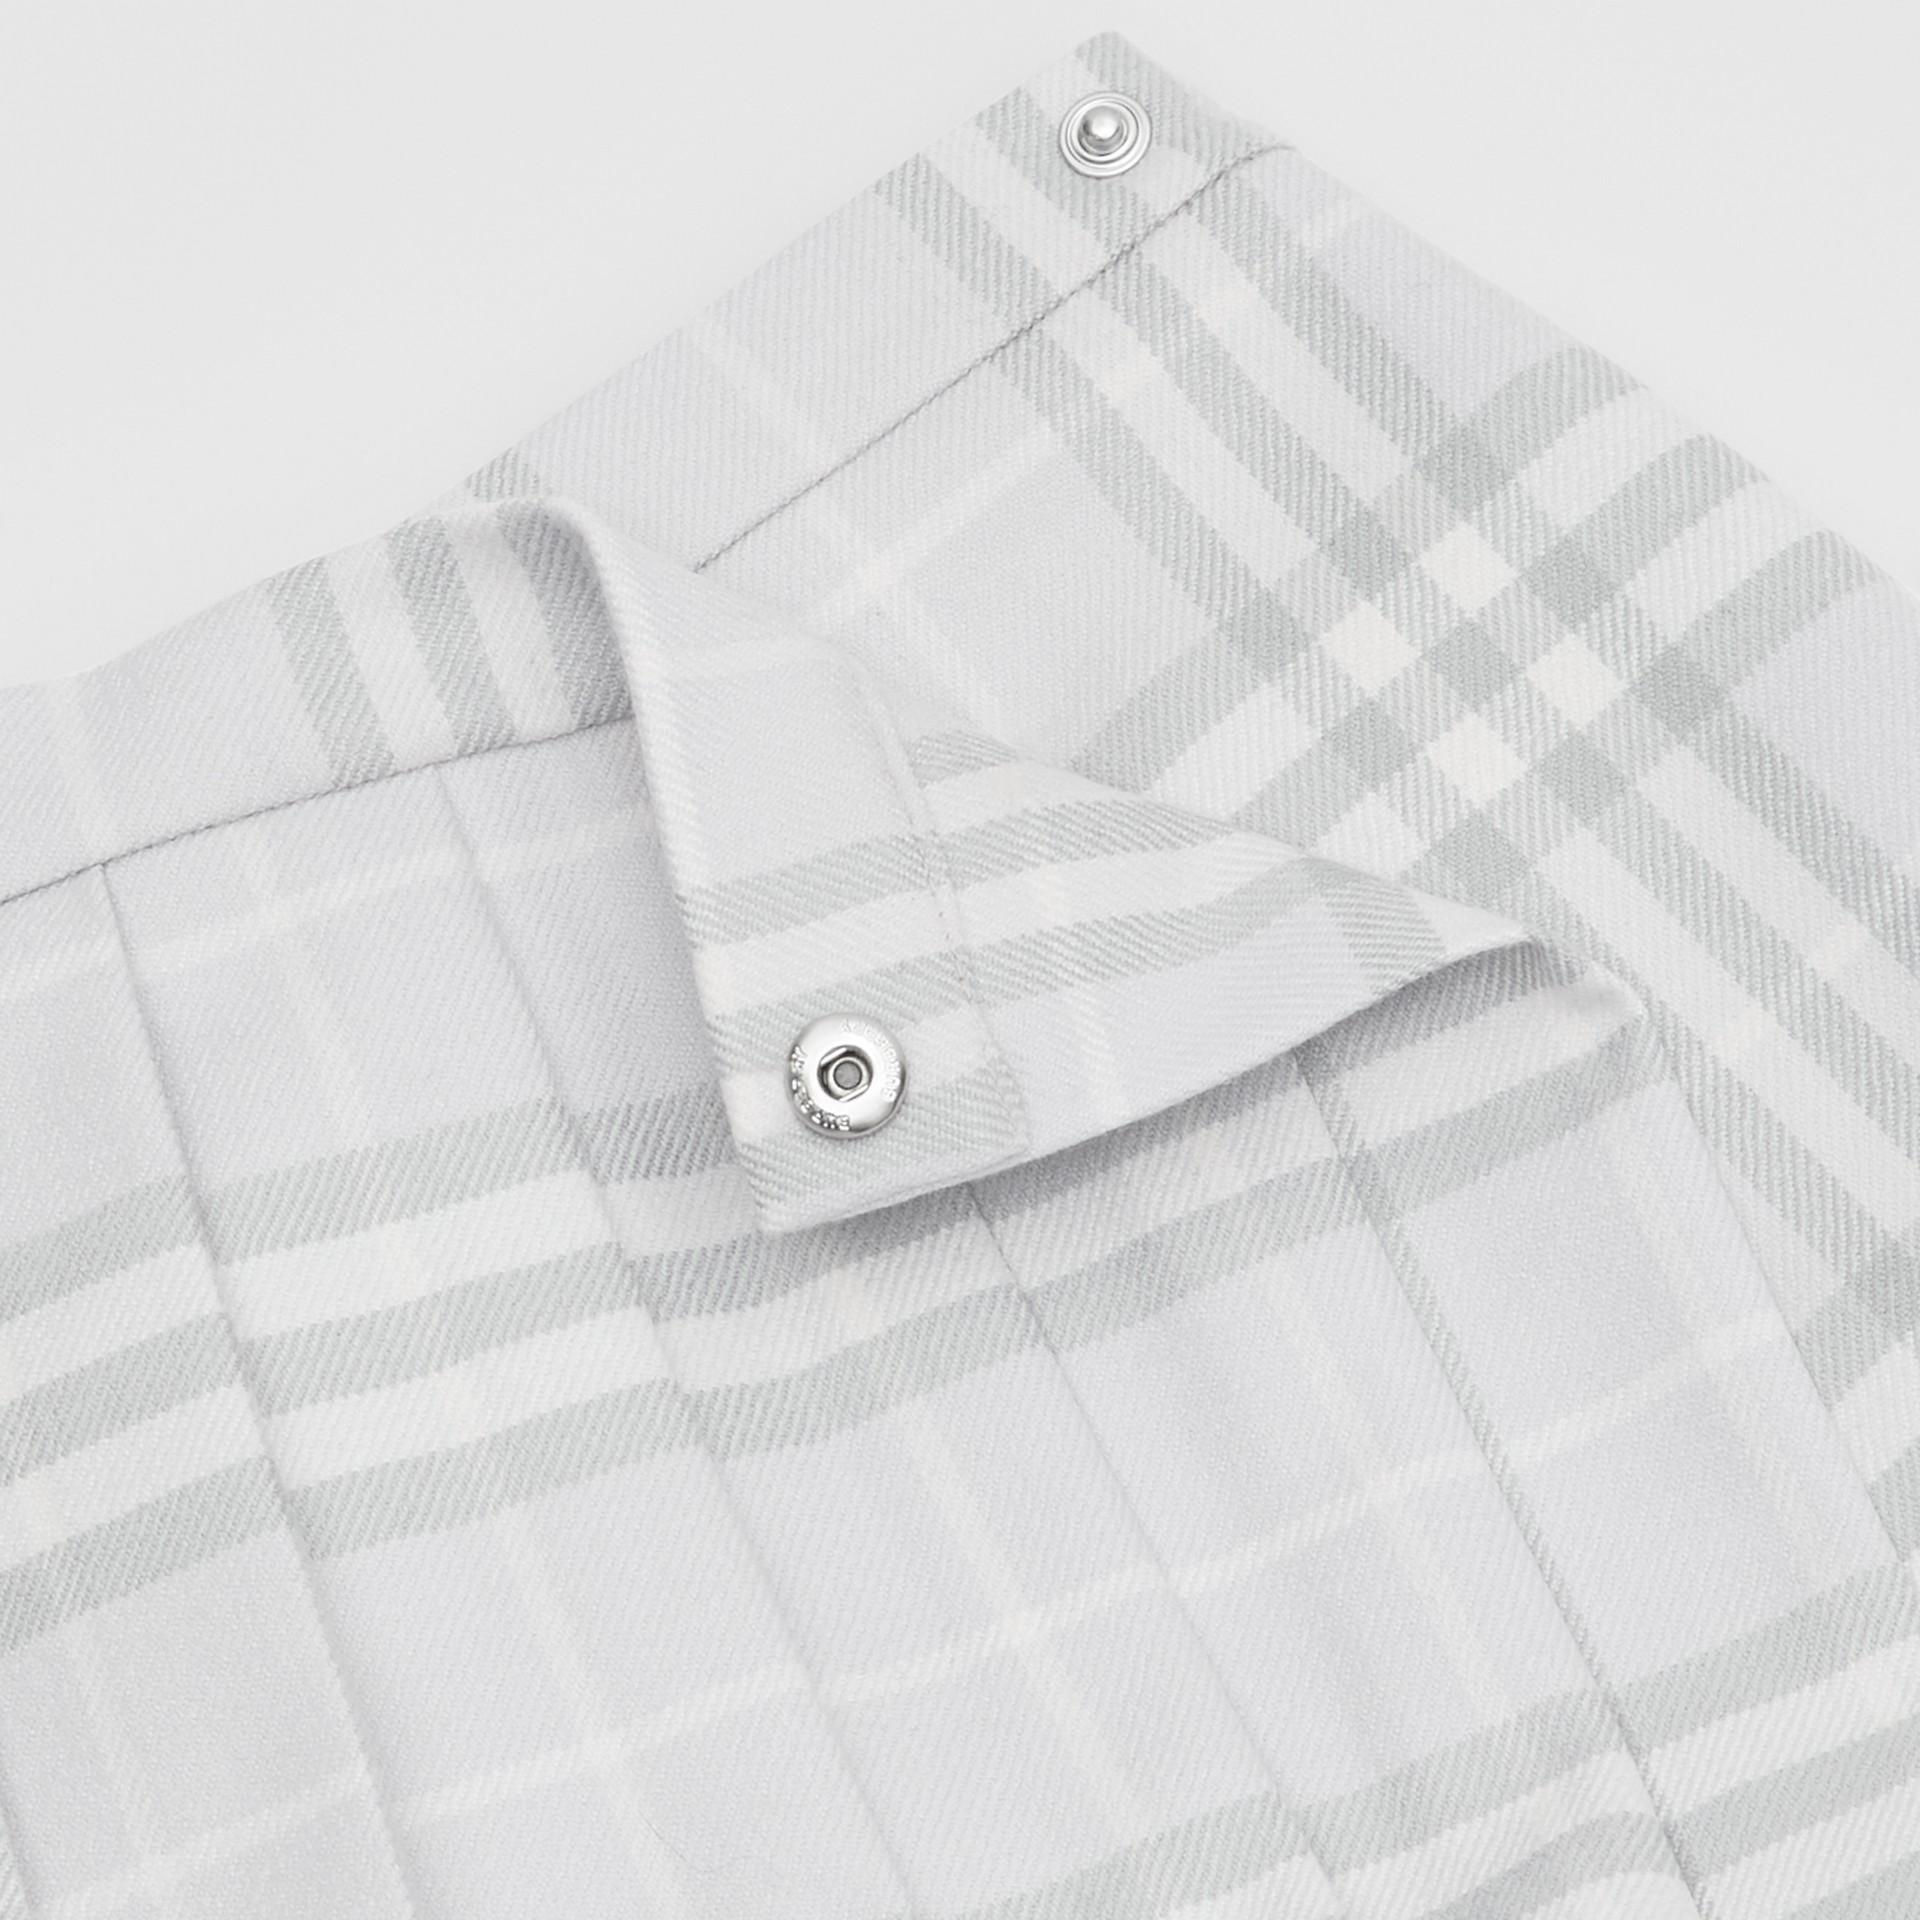 ヴィンテージチェック ウール プリーツラップスカート (ペールグレー) - チルドレンズ   バーバリー - ギャラリーイメージ 1